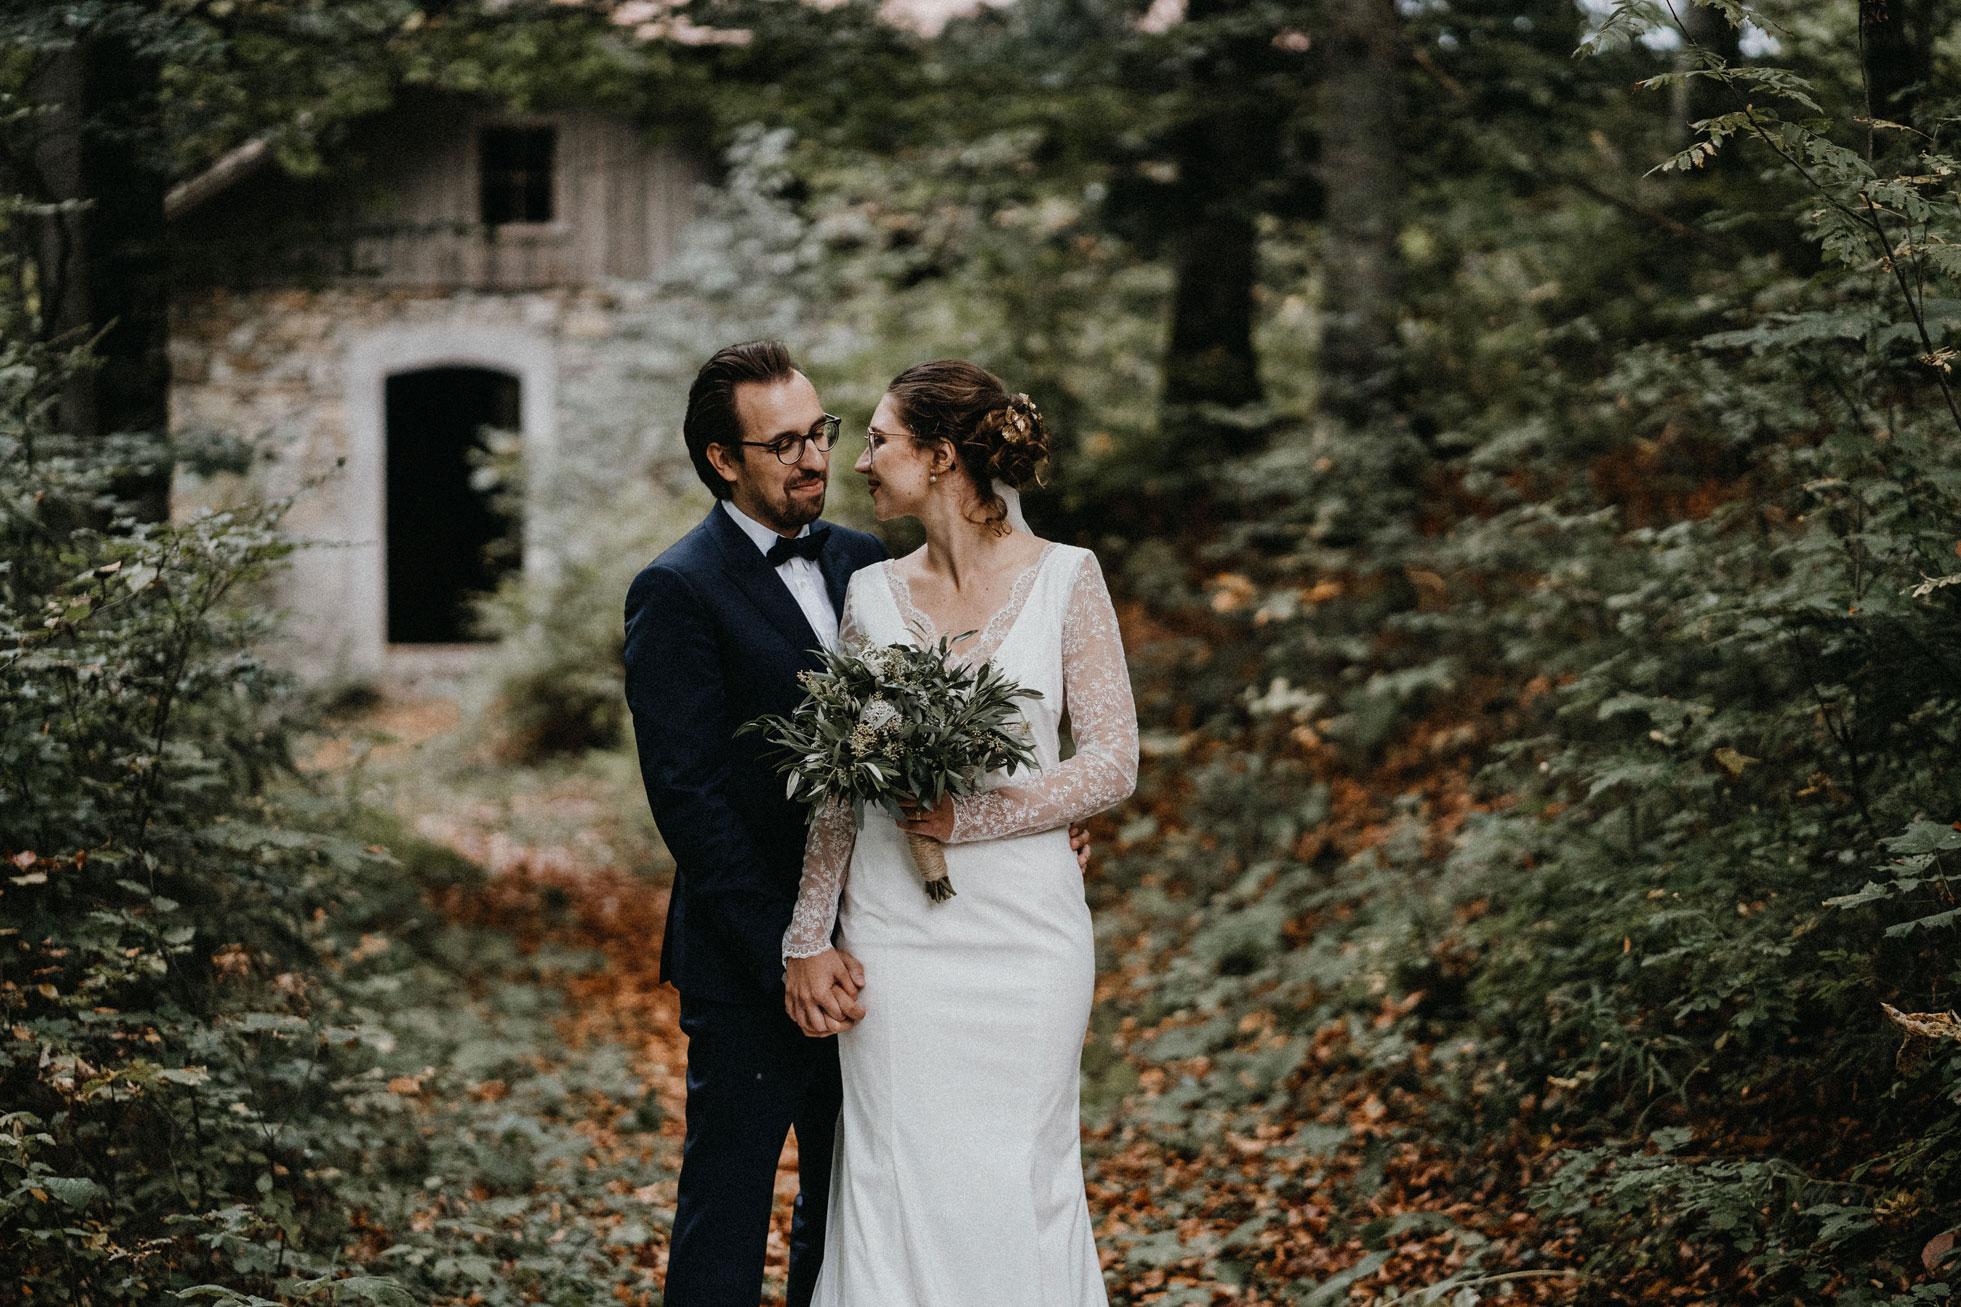 Hochzeit_Claire_Manuel_Villa_Maund_Daniel_Jenny-370.jpg